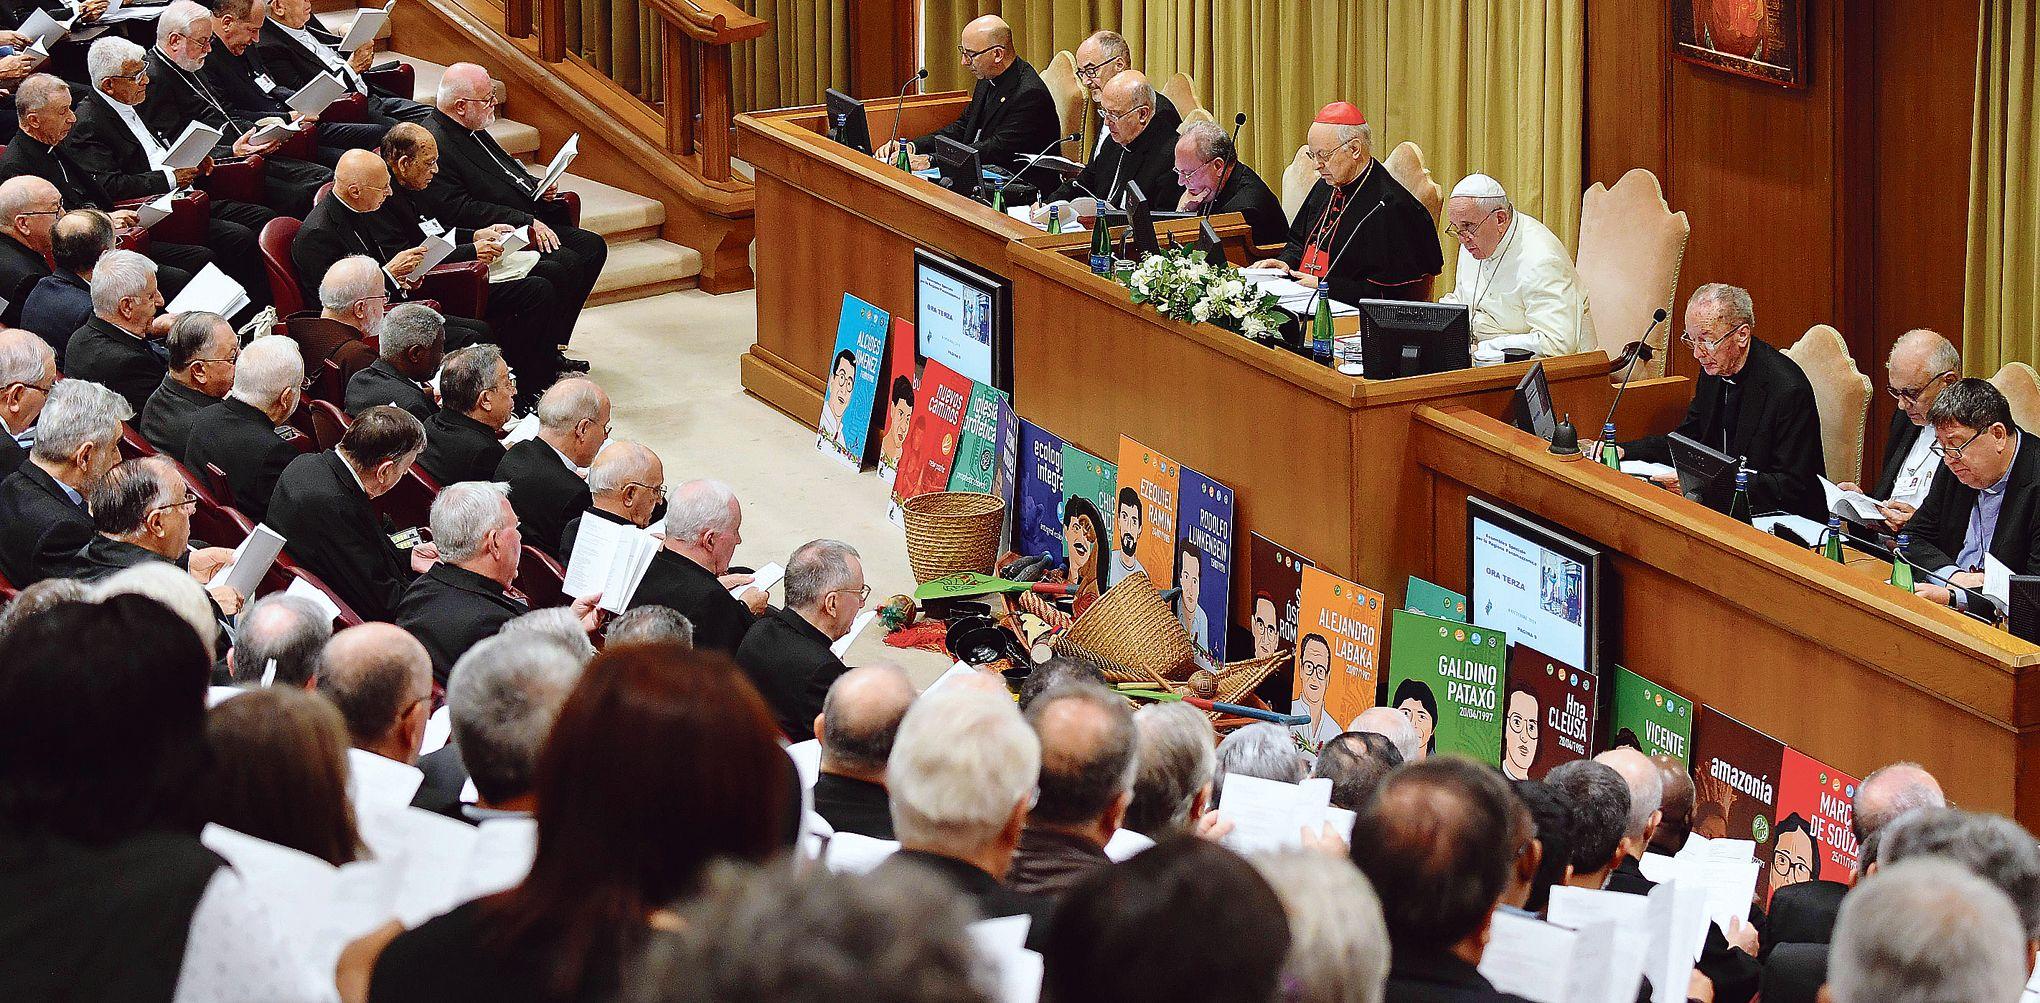 L'Église s'oriente vers l'ordination sacerdotale d'hommes mariés